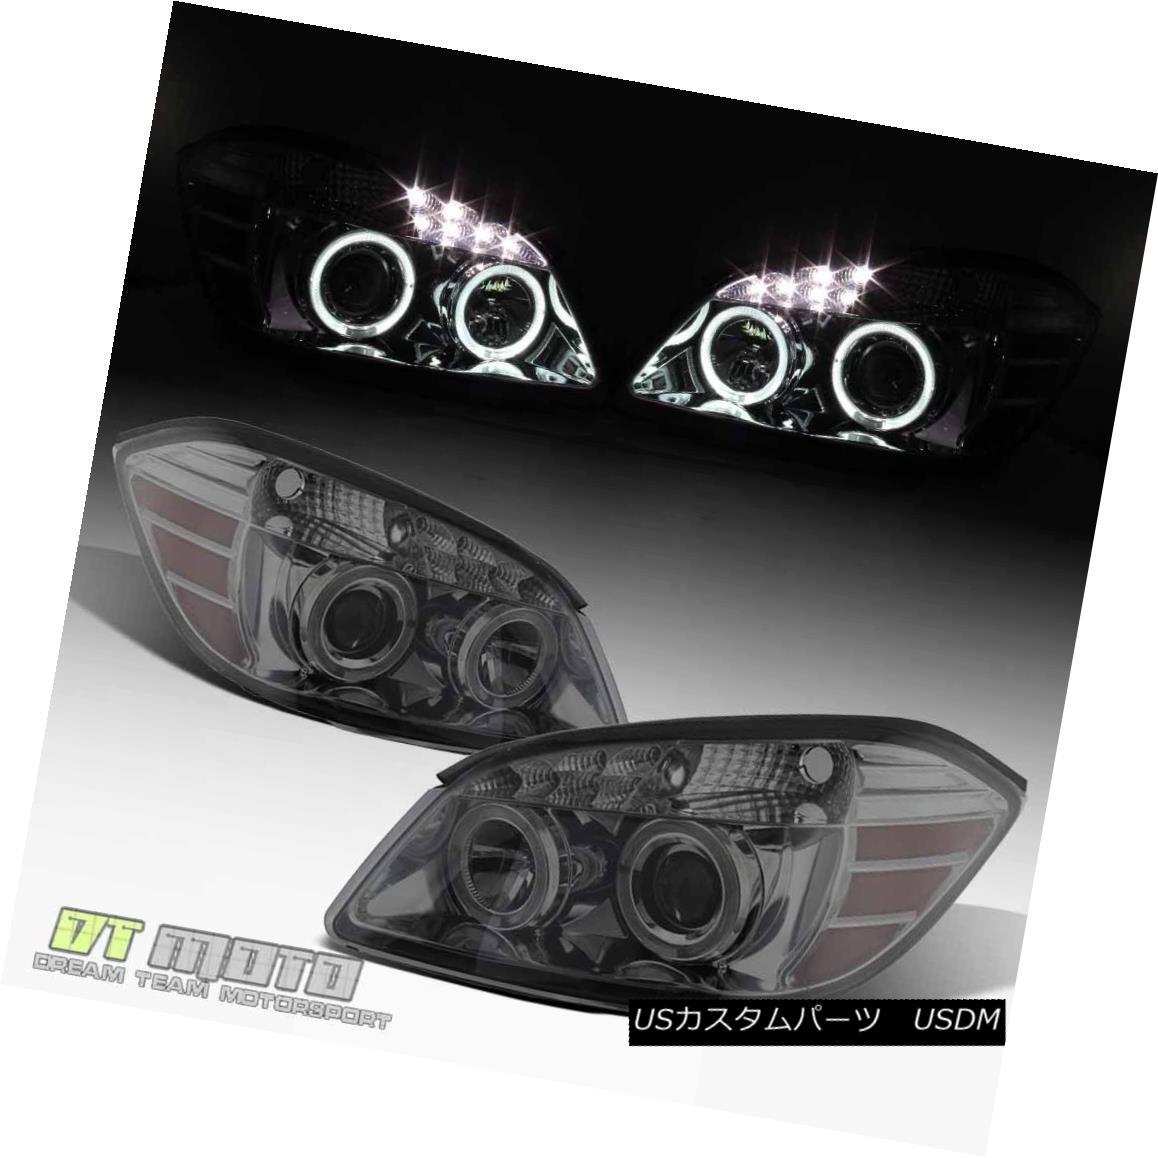 ヘッドライト Smoke 2005-2010 Chevy Cobalt 07-10 Pontiac G5 SMD LED Halo Projector Headlights Smoke 2005-2010 Chevy Cobalt 07-10 Pontiac G5 SMD LEDハロープロジェクターヘッドライト